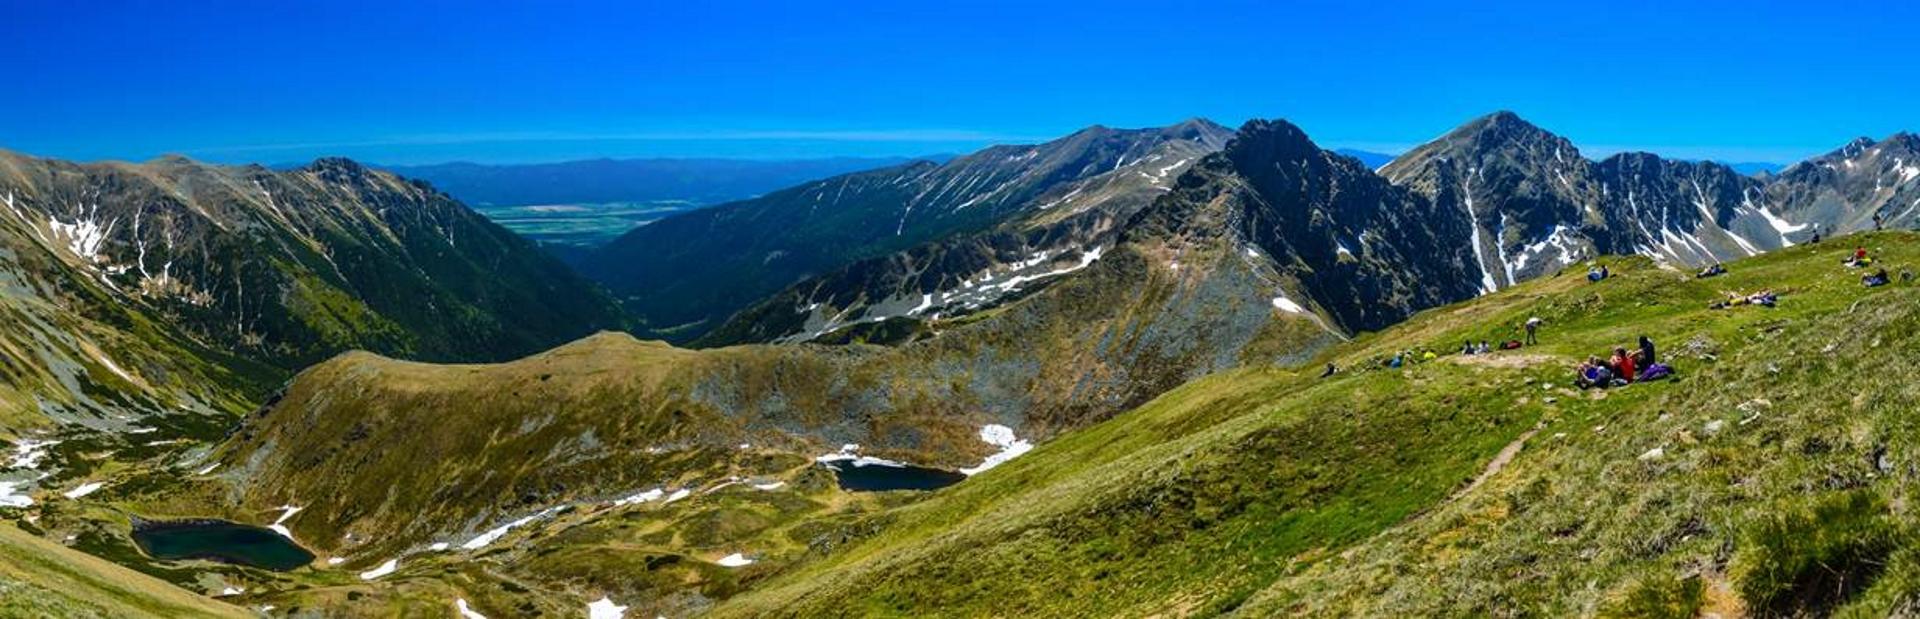 mountain_sky_poland.jpg - 826.81 kB